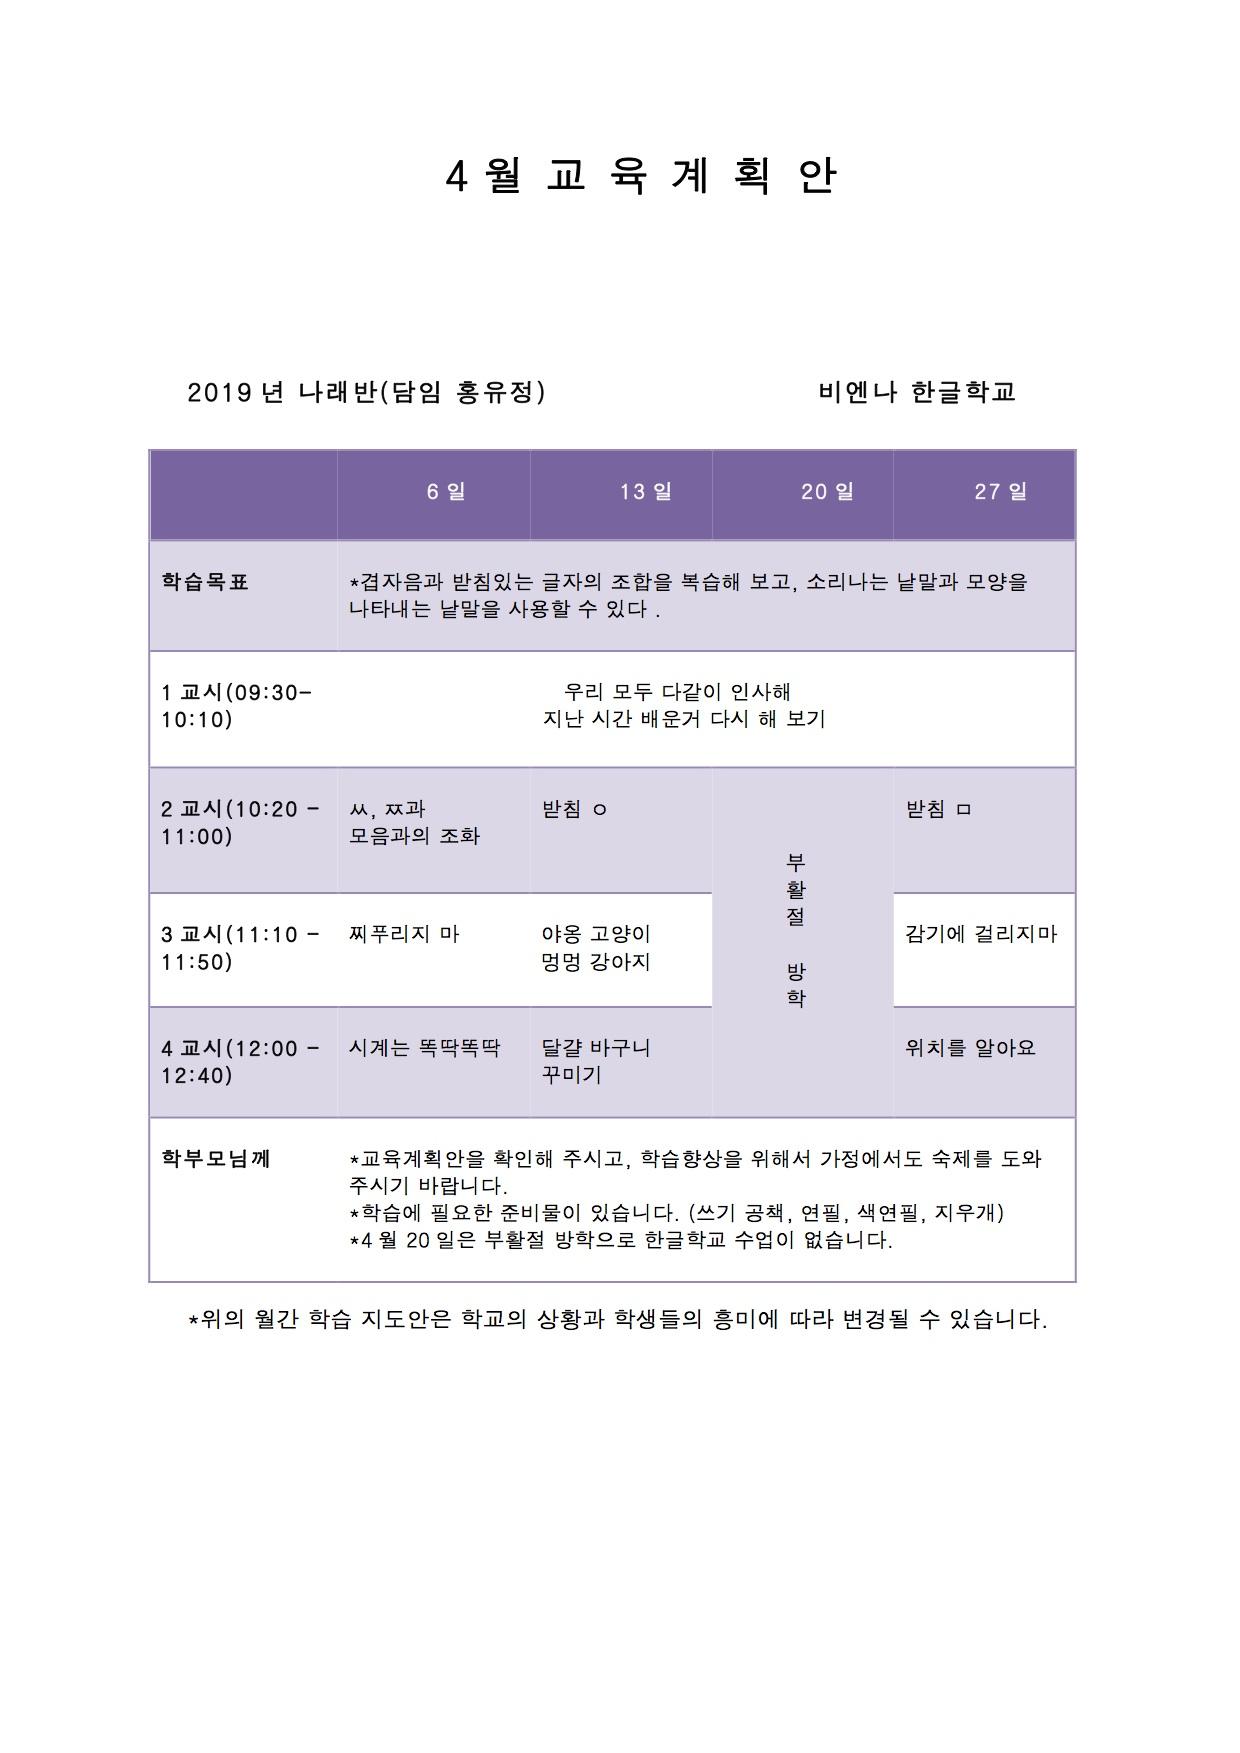 2019 4월 교 육 계 획 안 복사본.jpg